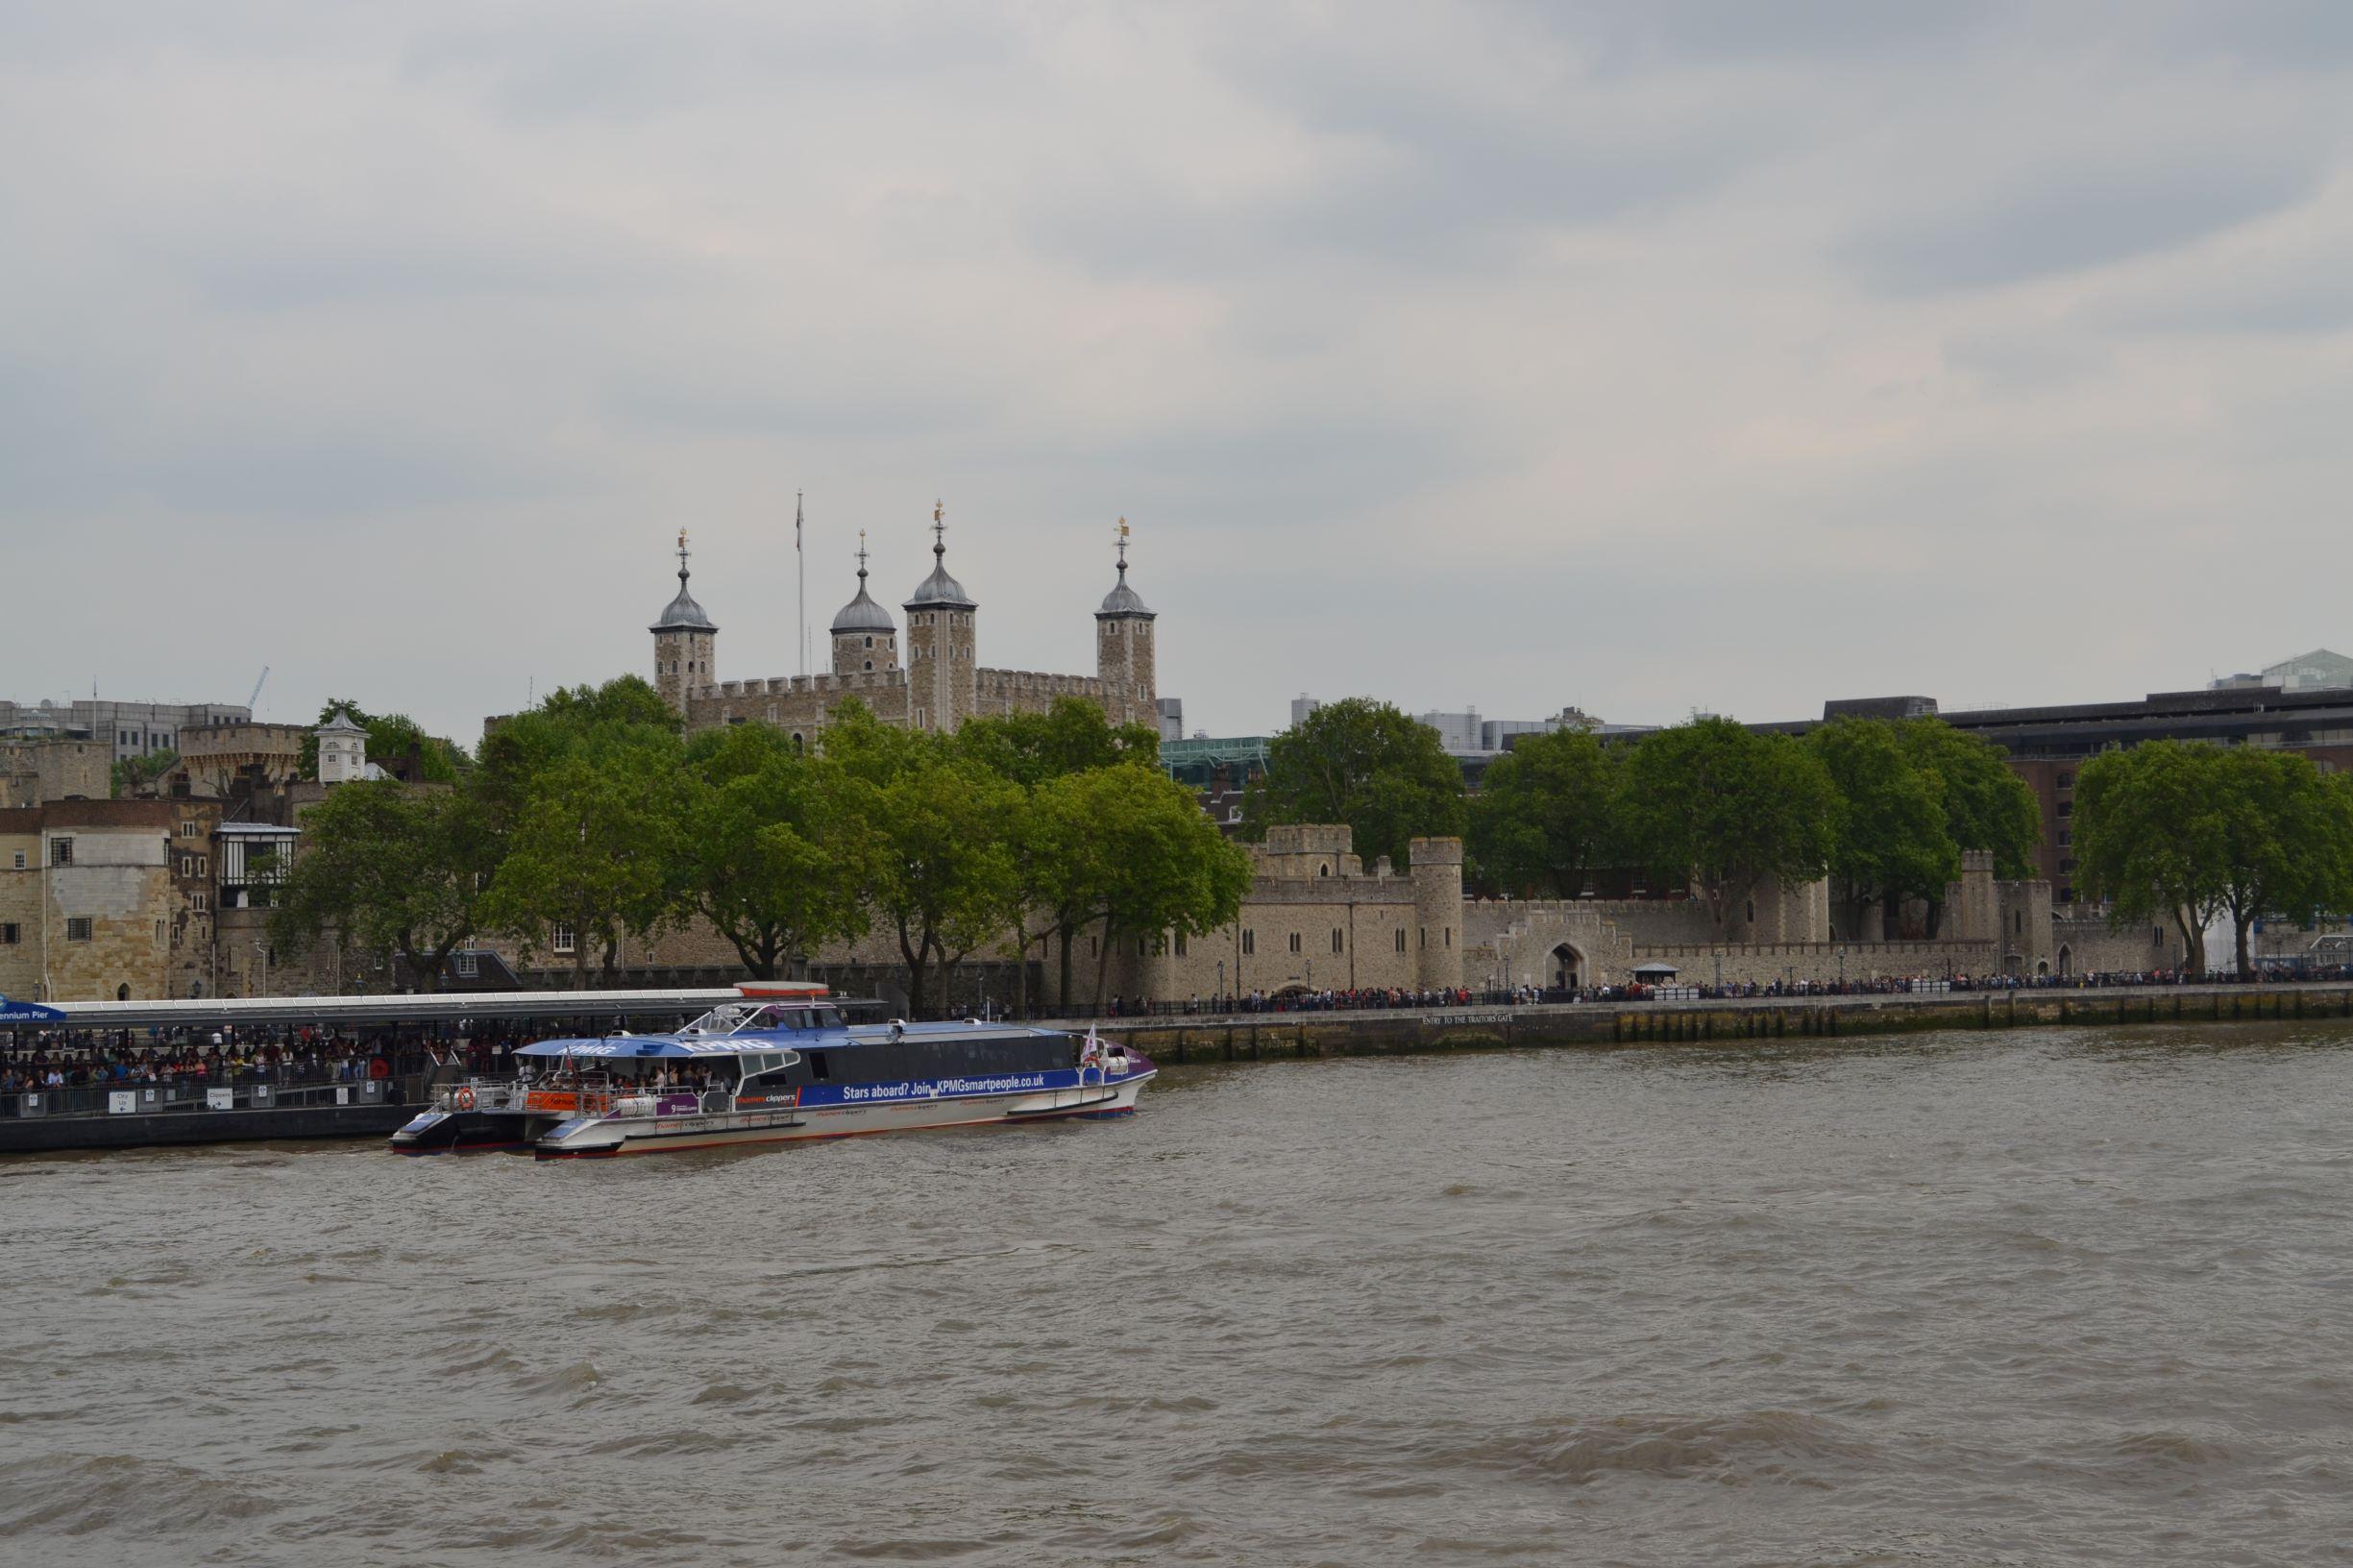 A Tower-rel szemben van az HMS Belfast, innen indultunk